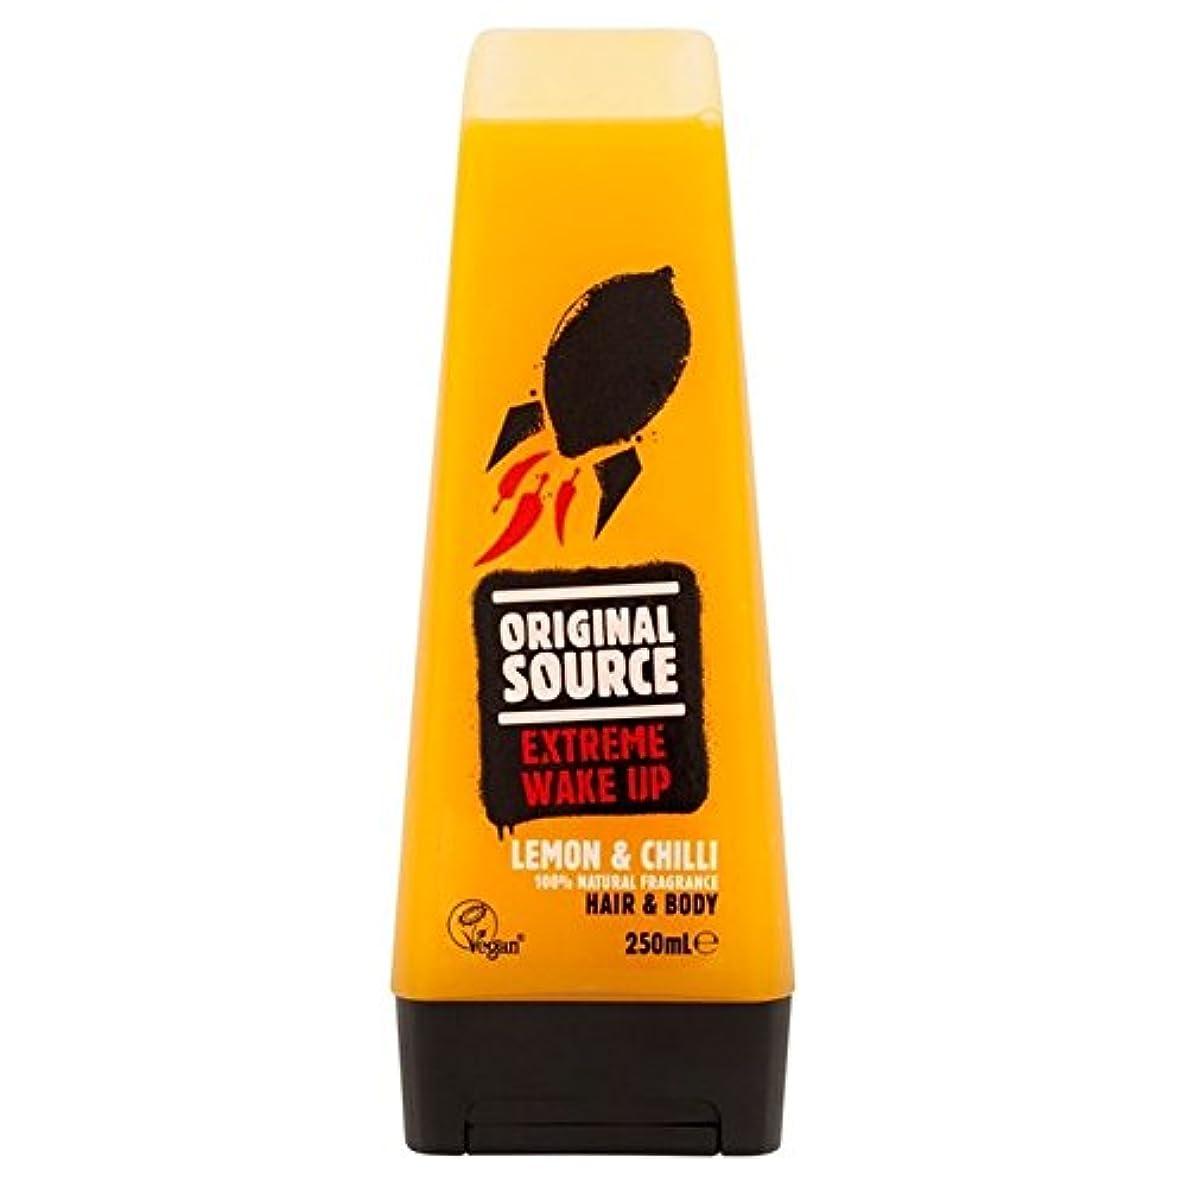 レキシコン放射性芝生元のソースは、レモン&チリヘア&ボディシャワージェル250ミリリットルメンズ x2 - Original Source Mens Lemon & Chilli Hair & Body Shower Gel 250ml (...